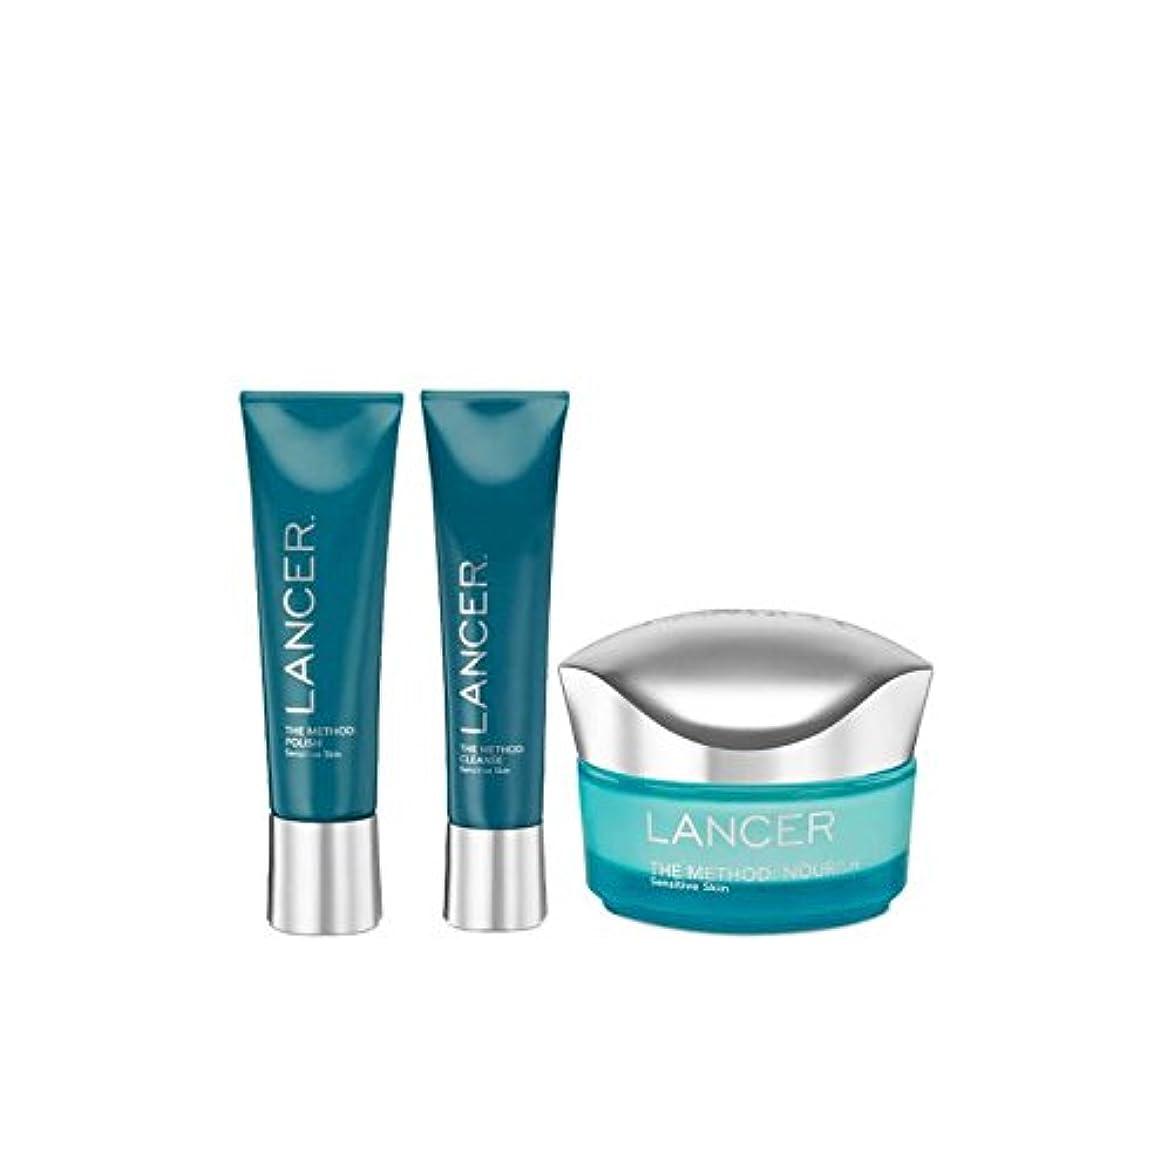 ストレンジャー参加者消毒剤Lancer Skincare The Lancer Method Sensitive (Pack of 6) - ランサーランサー方法が敏感スキンケア x6 [並行輸入品]